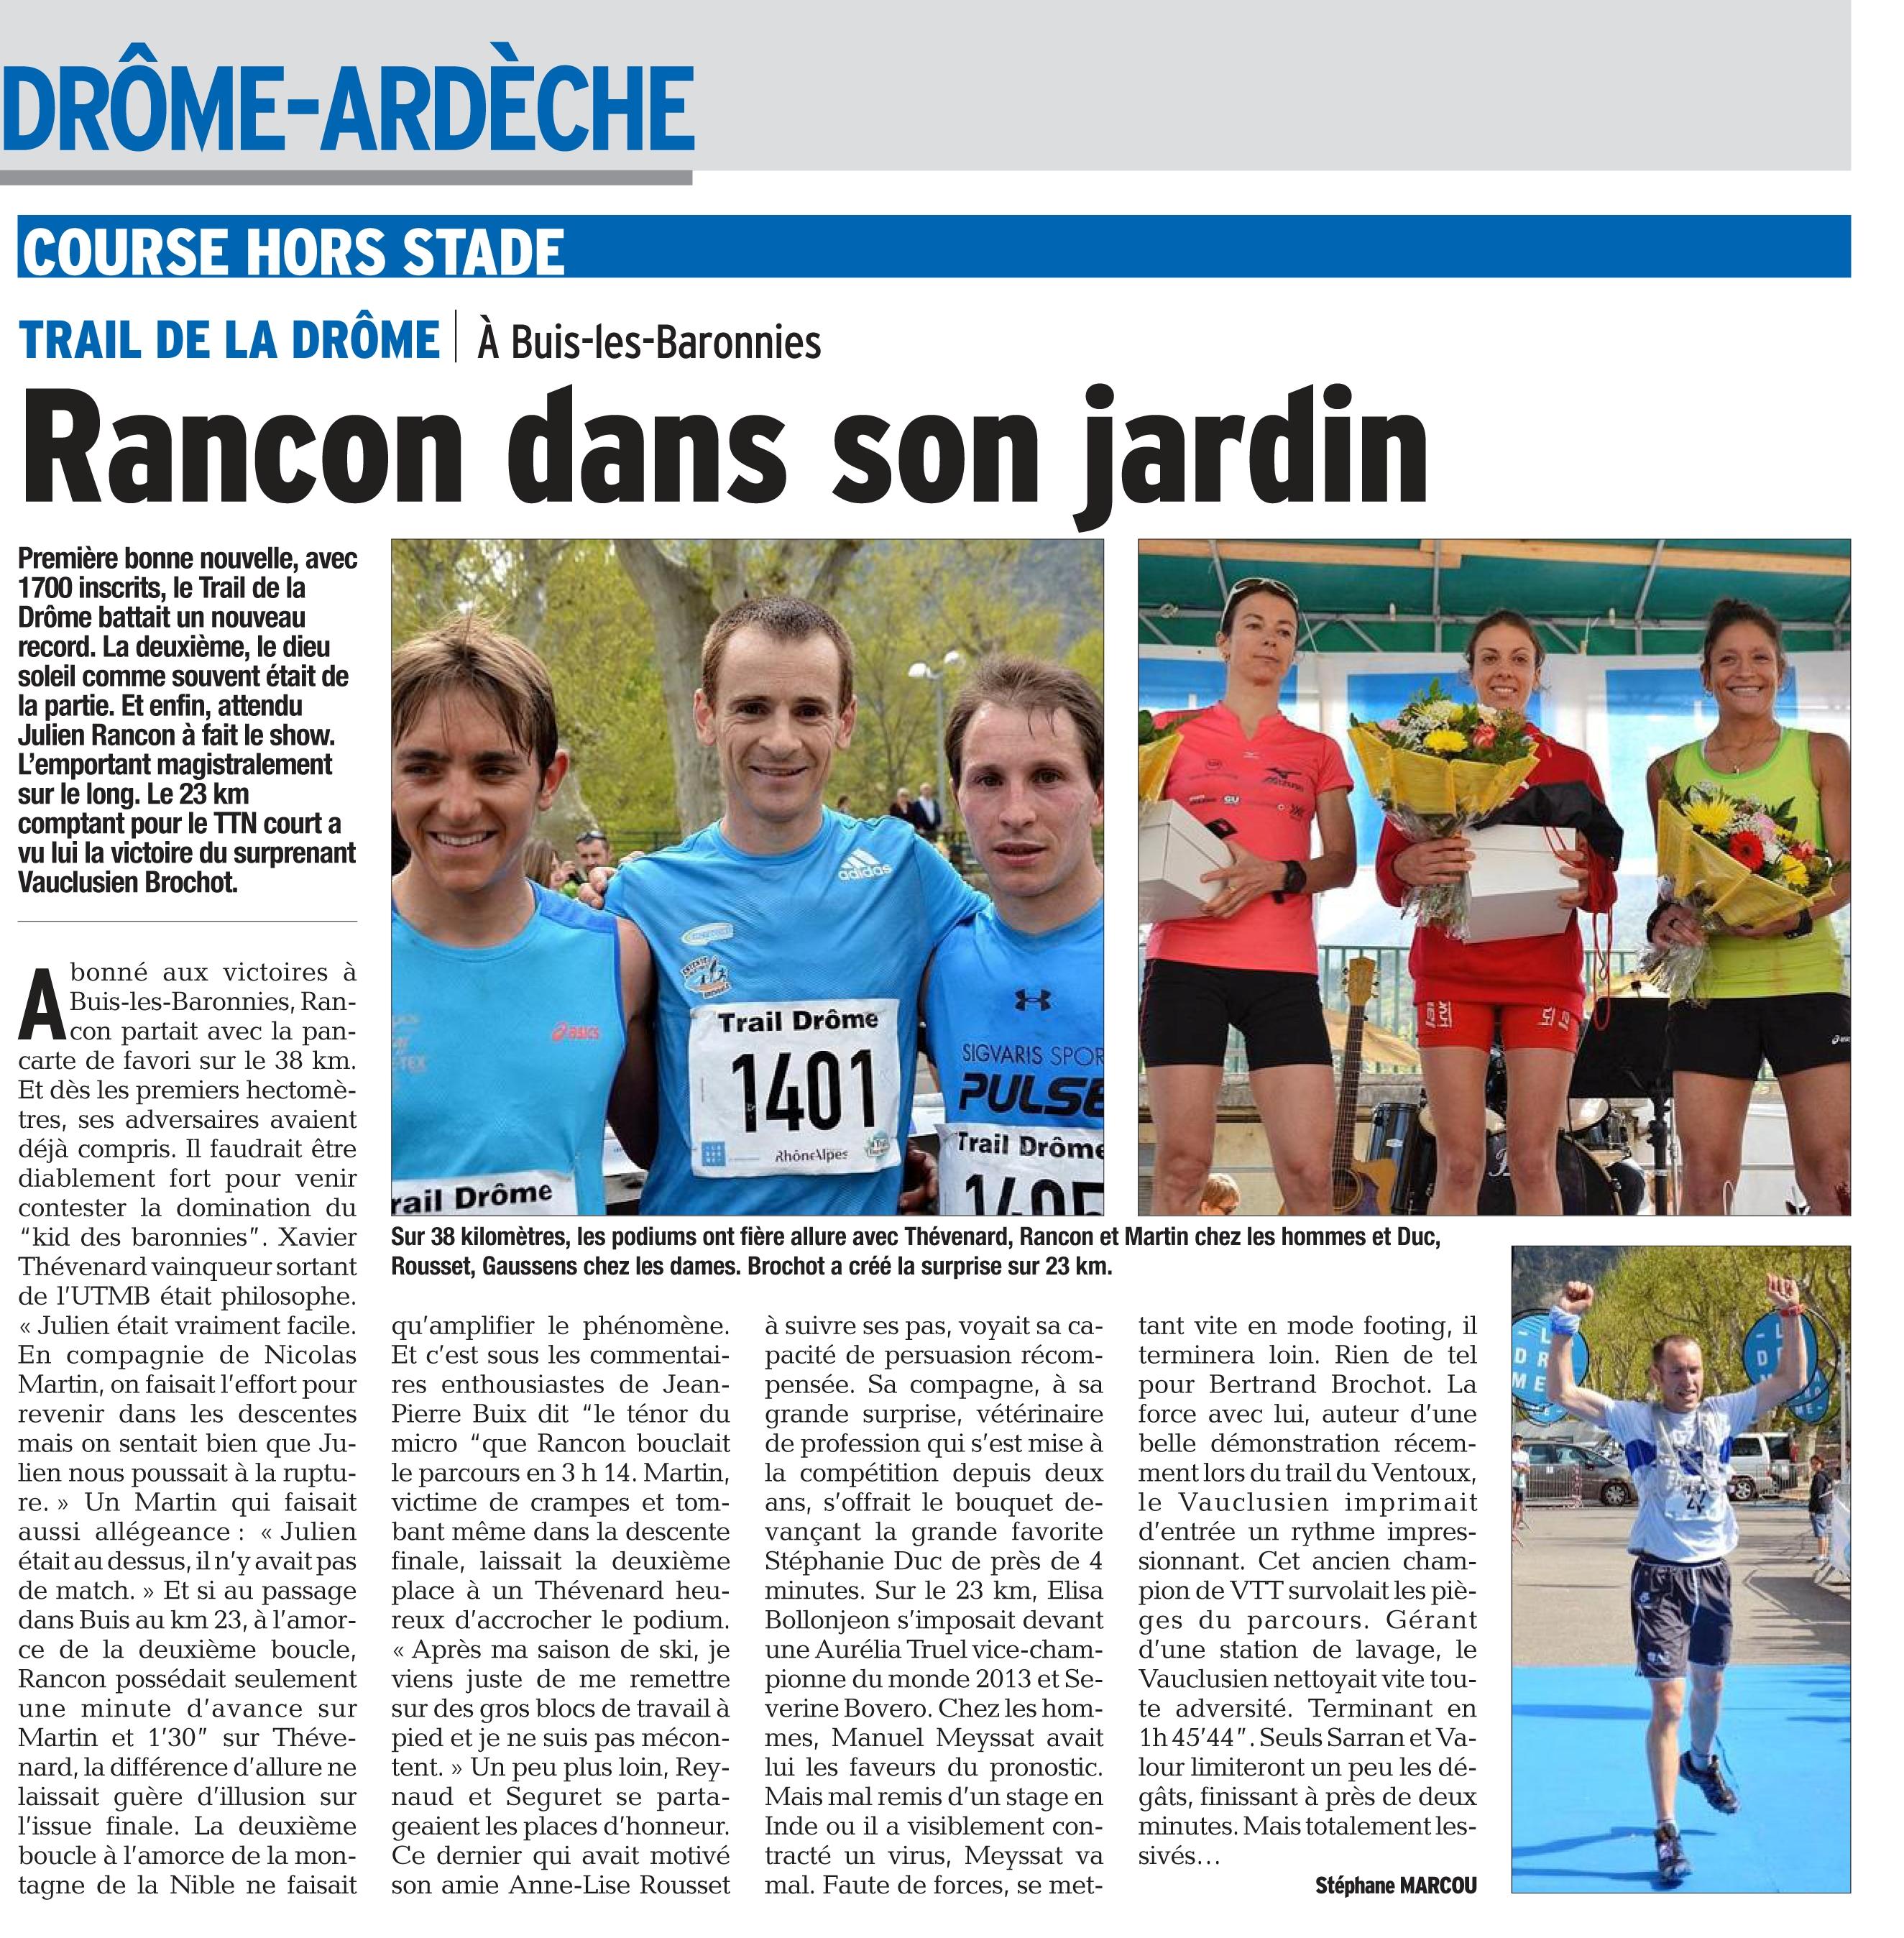 PDF Page 36 edition de romans et drome des collines 20140414 - Résultats et vidéo du trail de la Drôme (Buis-les-baronnies).Article du Dauphiné.